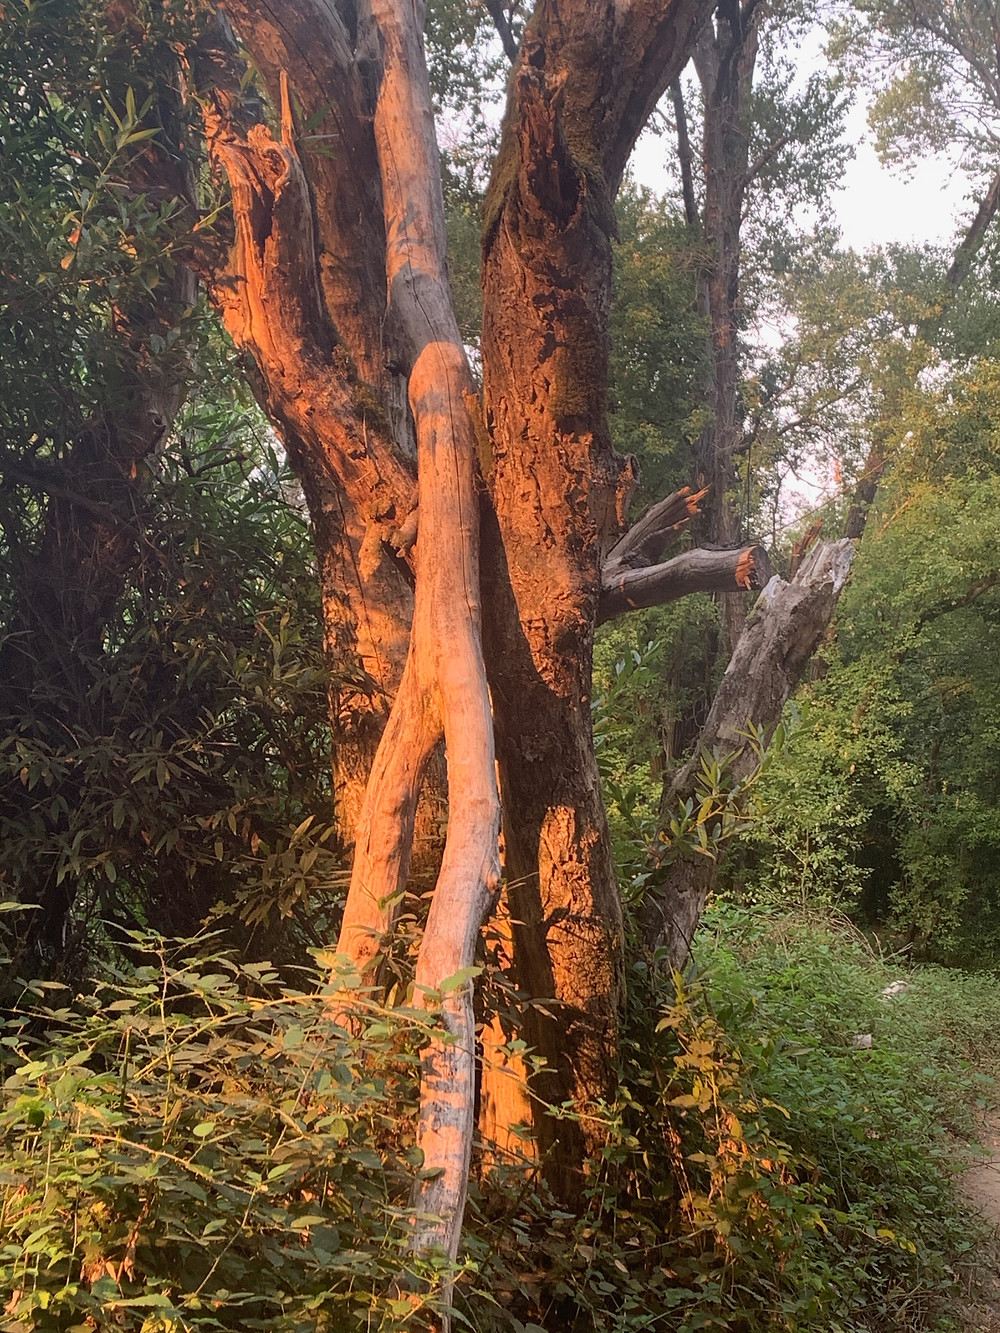 Tree trunks in sunset lighting at Henry Cowell State Park, Felton, California